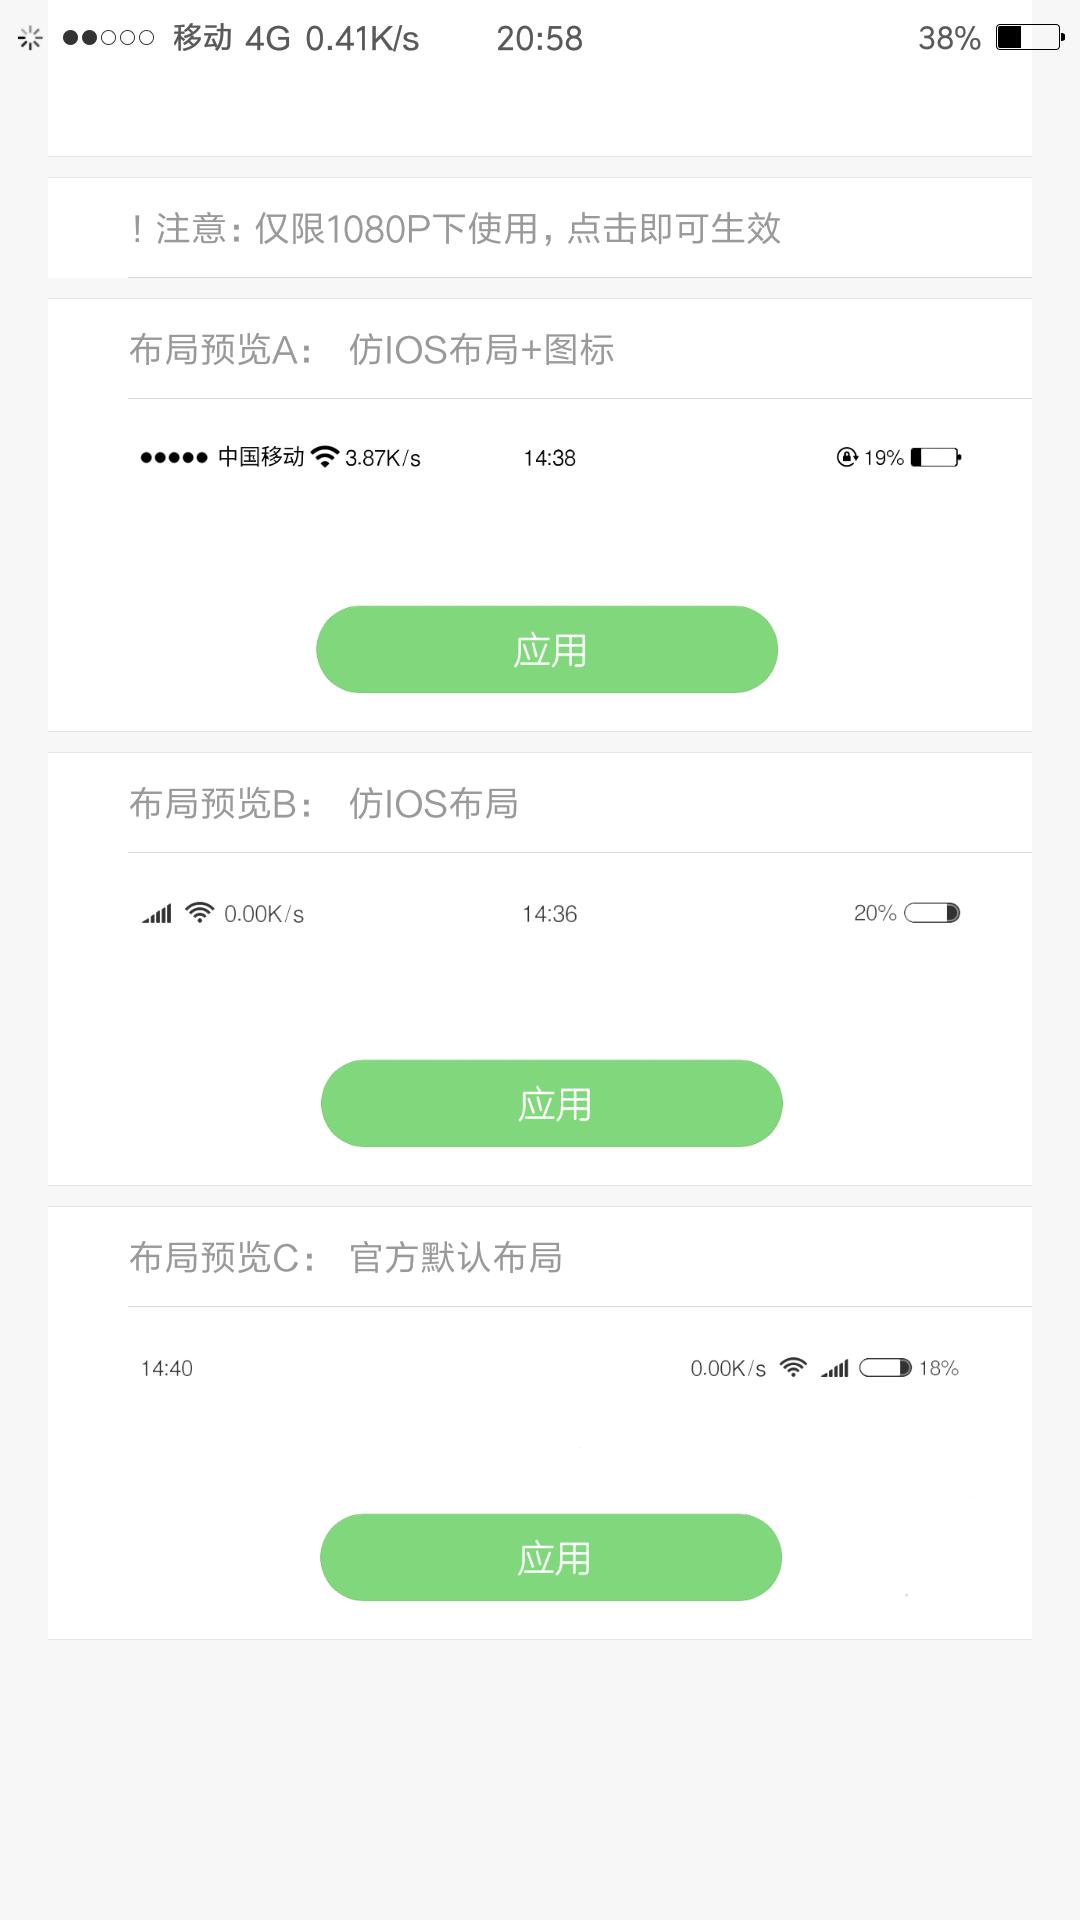 Screenshot_2017-03-05-20-58-25-373_com.yuyue.sett.png